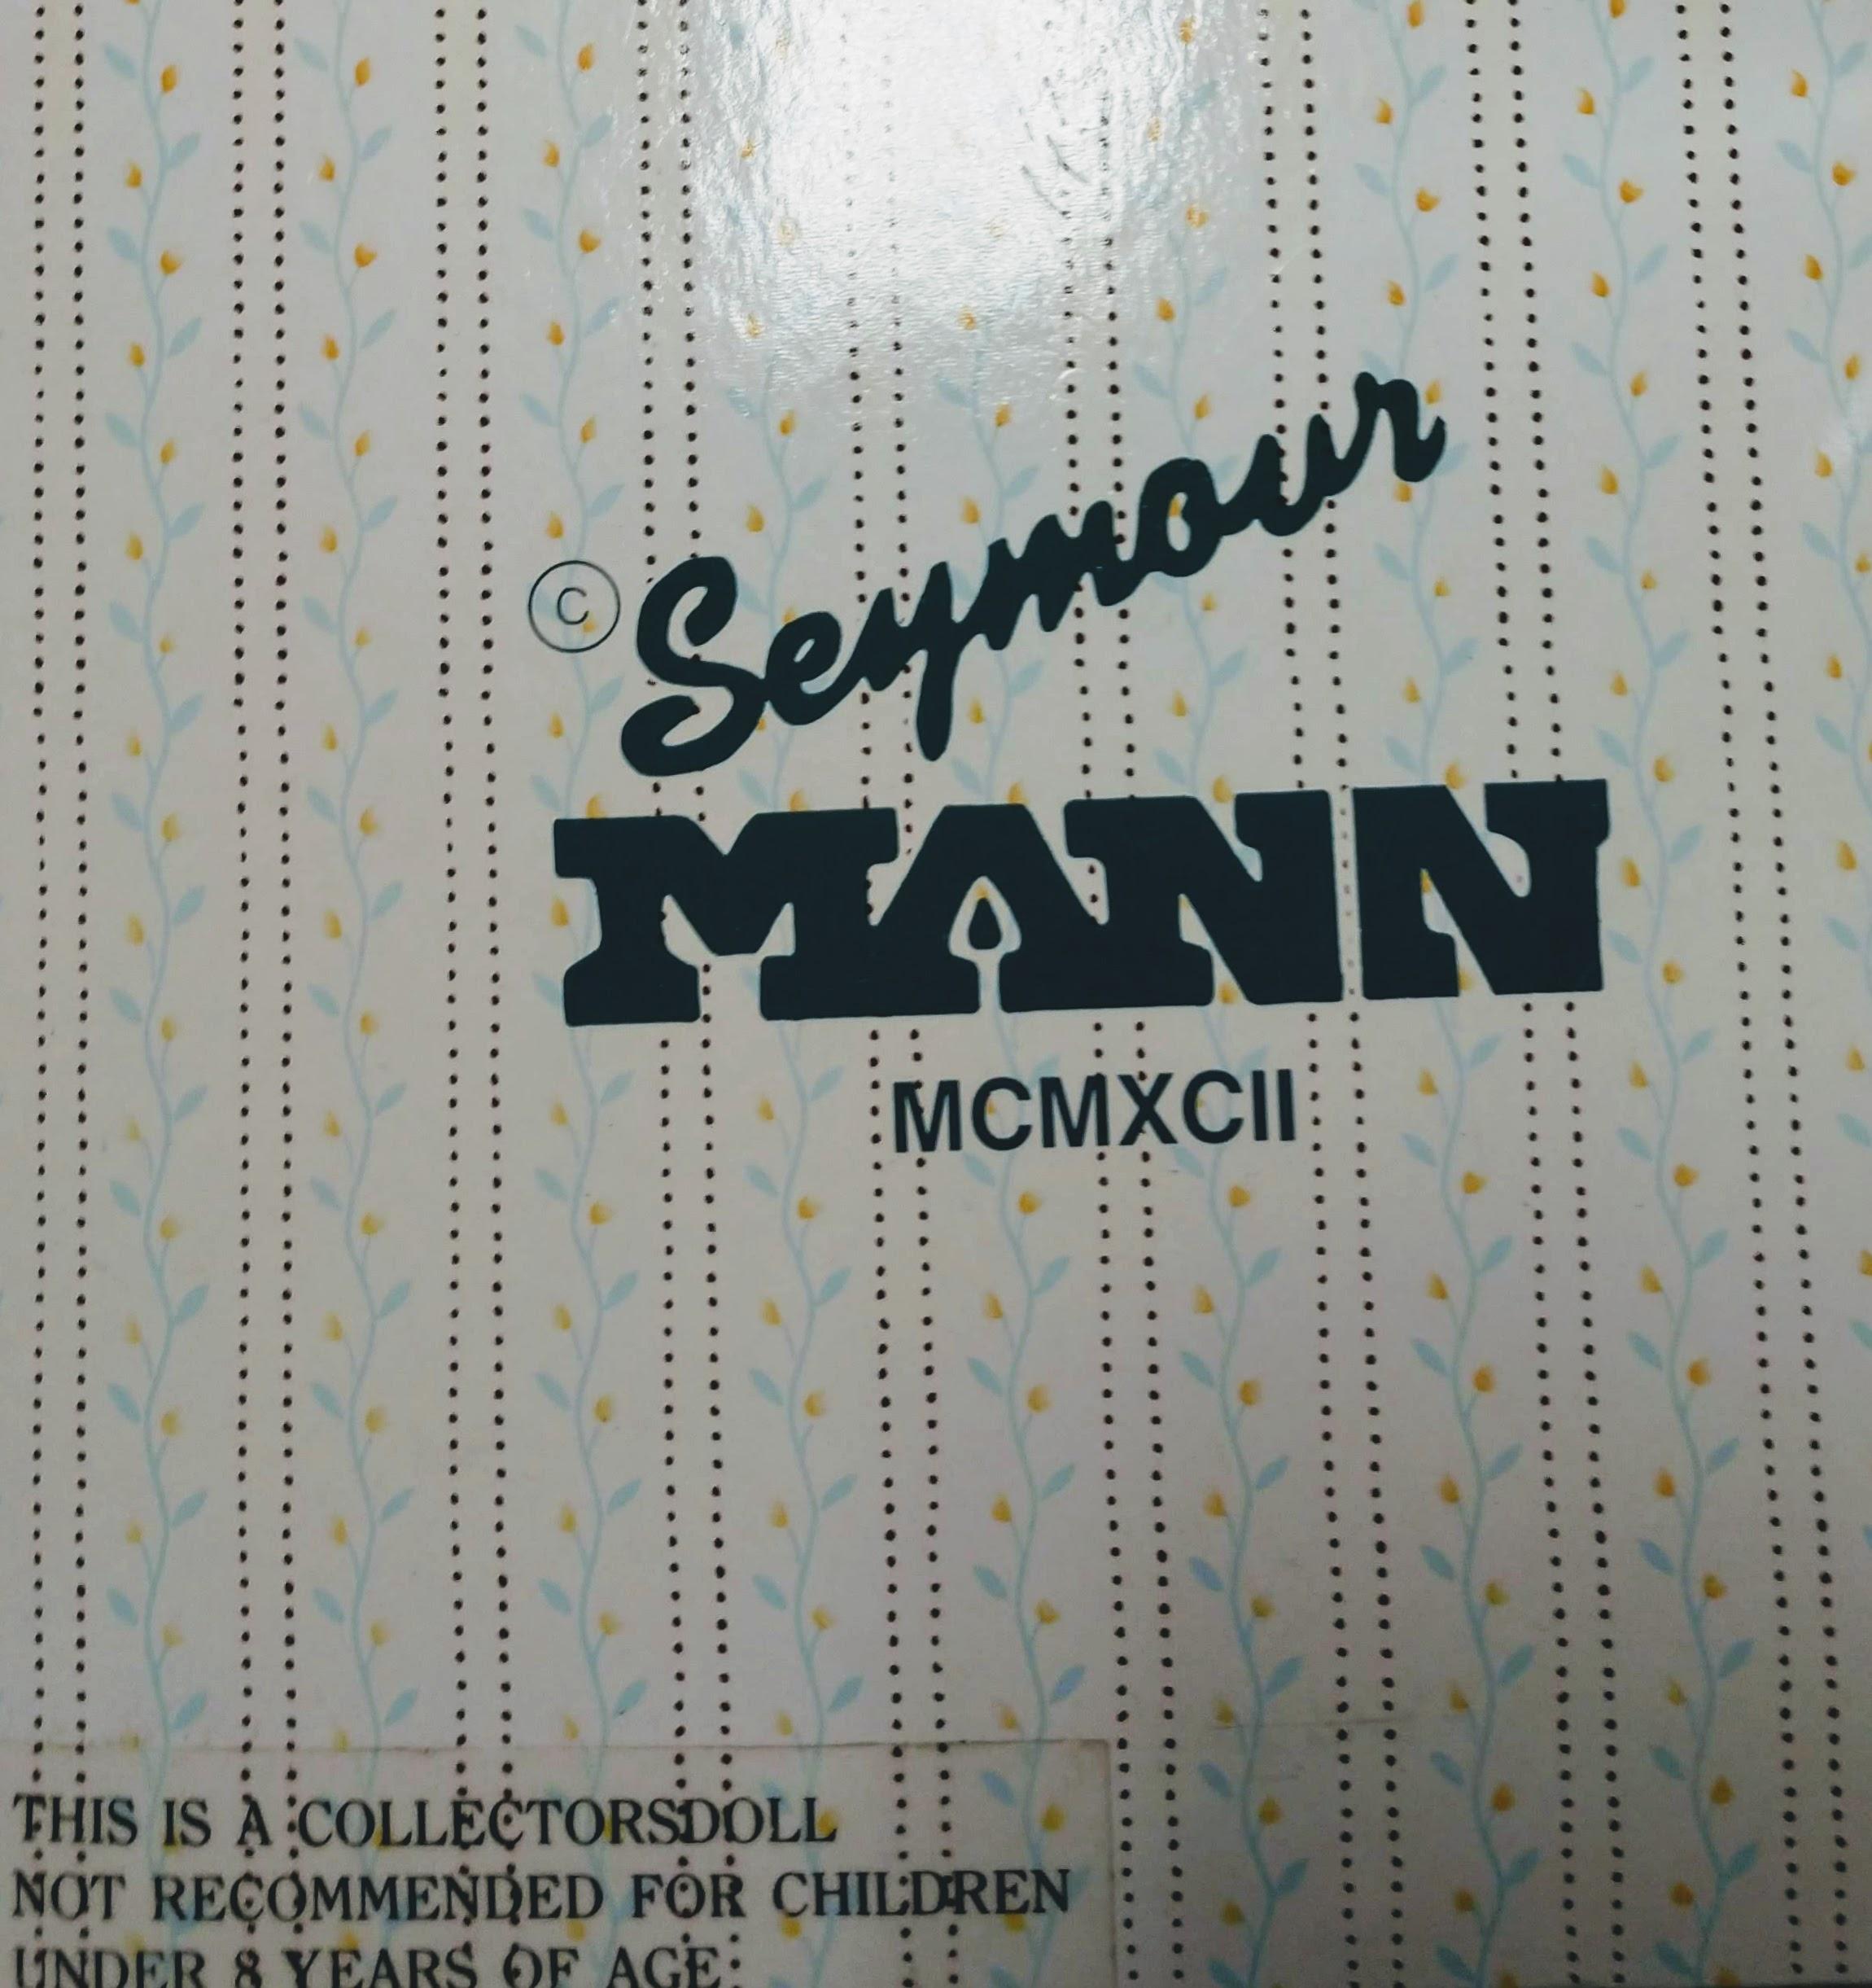 Seymour Mann Doll Box.jpg